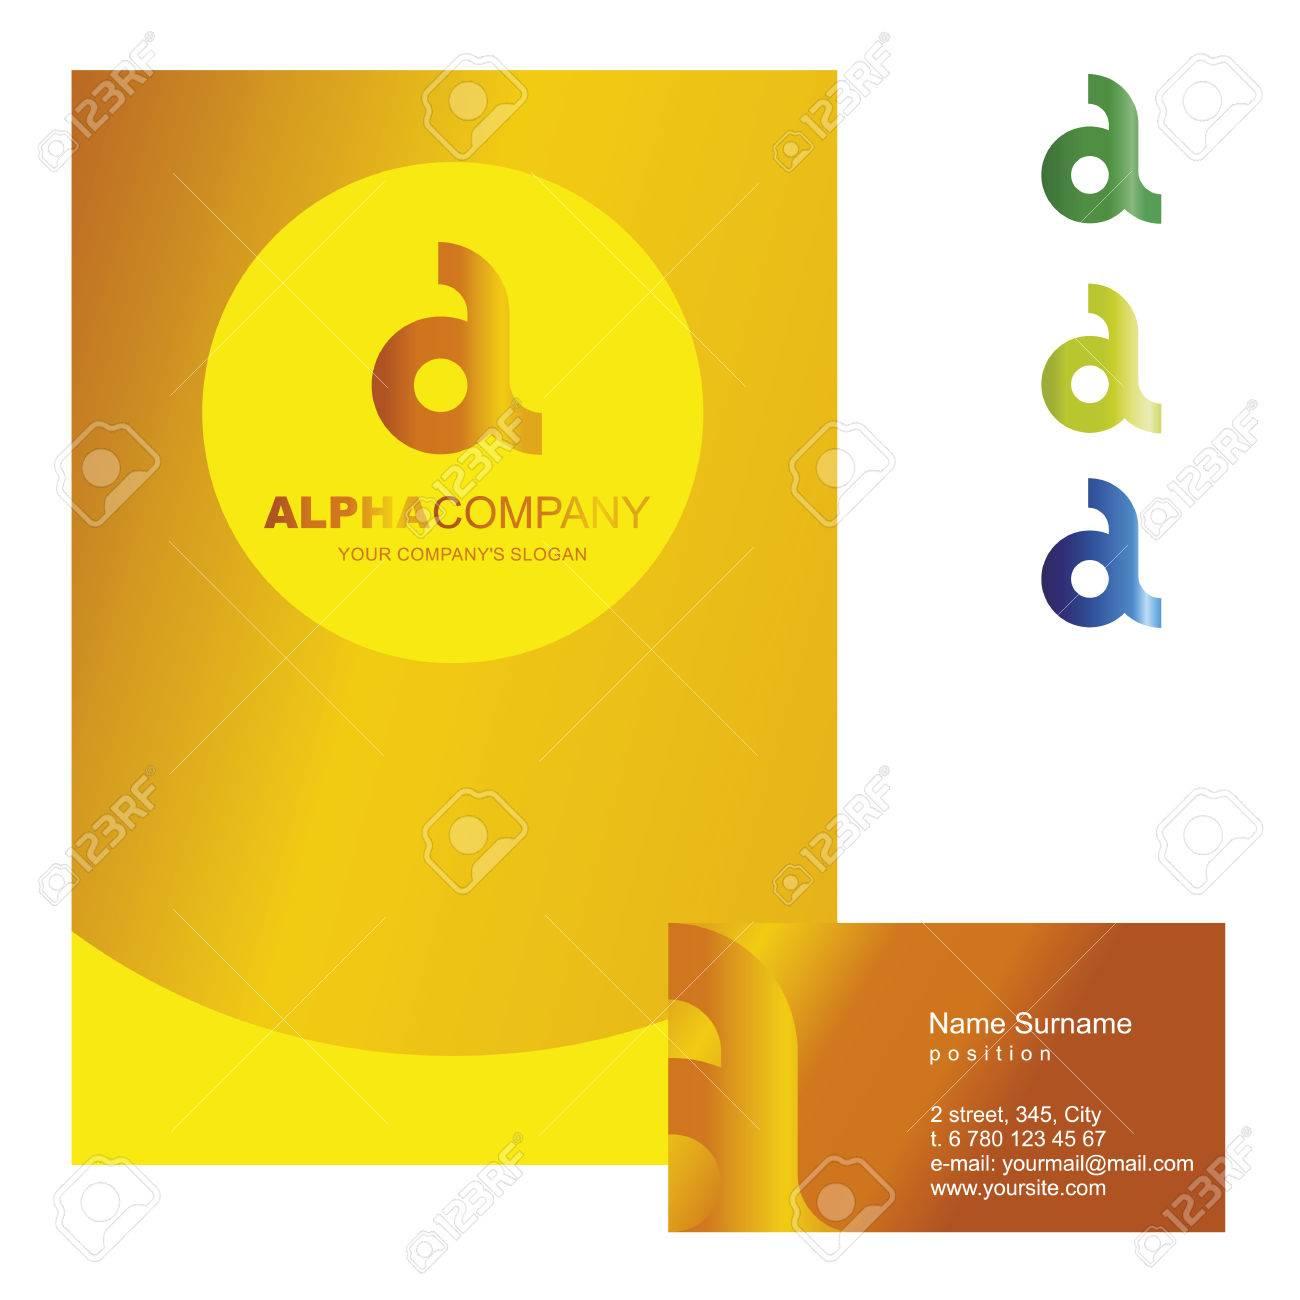 Una Carta - Vector De Diseño De Logotipo Ilustración Del Concepto ...